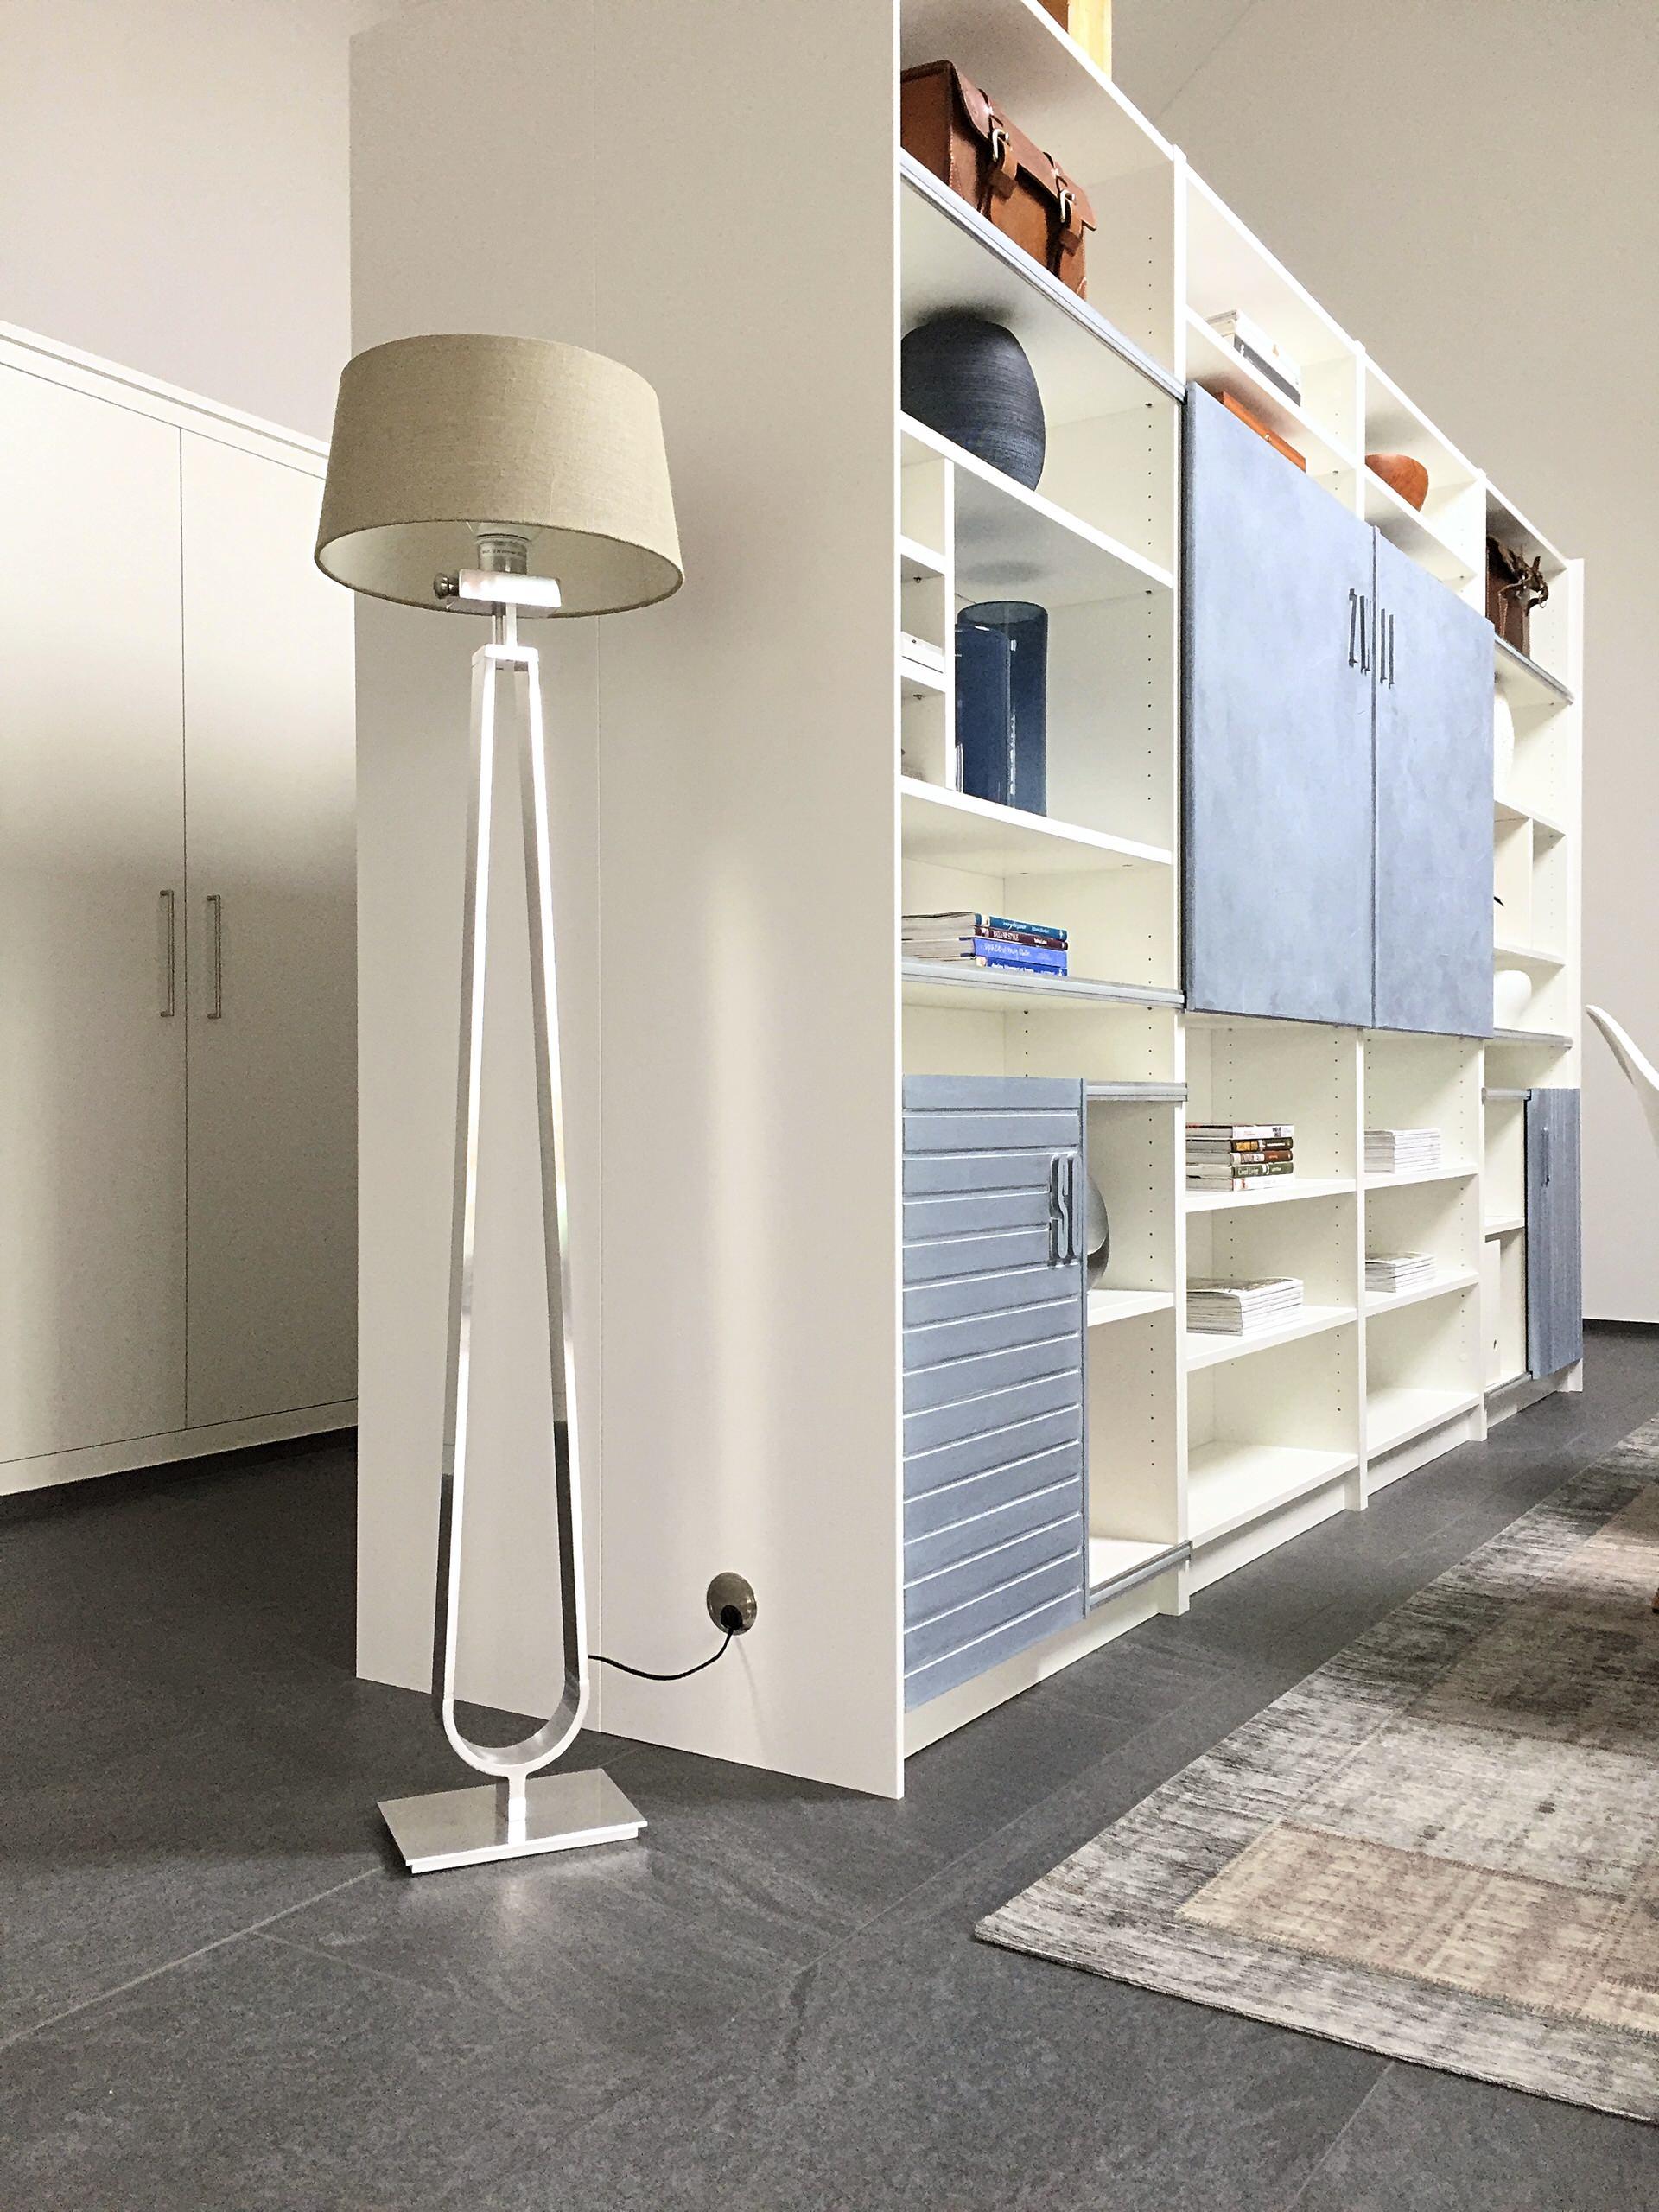 Elegante Lösung: Kabelführung der Stehlampe zur Steckdose im Regal